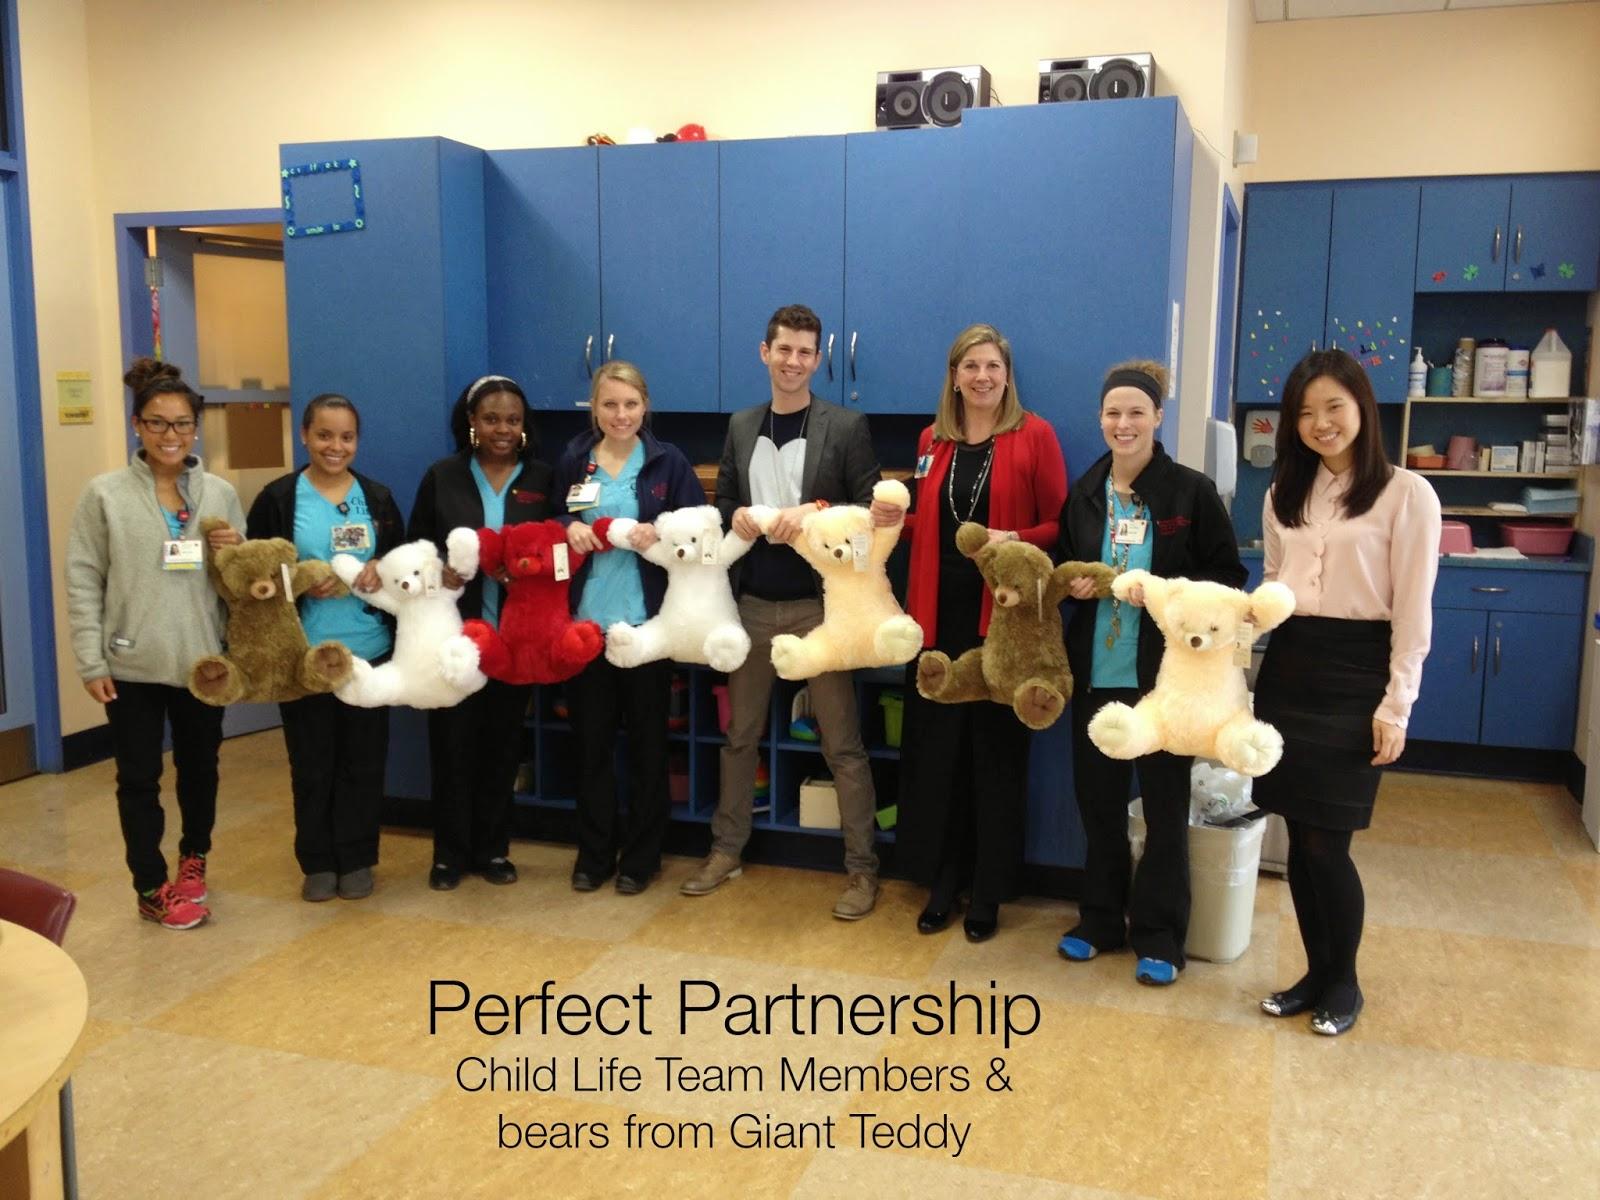 Giant Teddy Blog: Giant Teddy Bear Ambassadors to NewYork